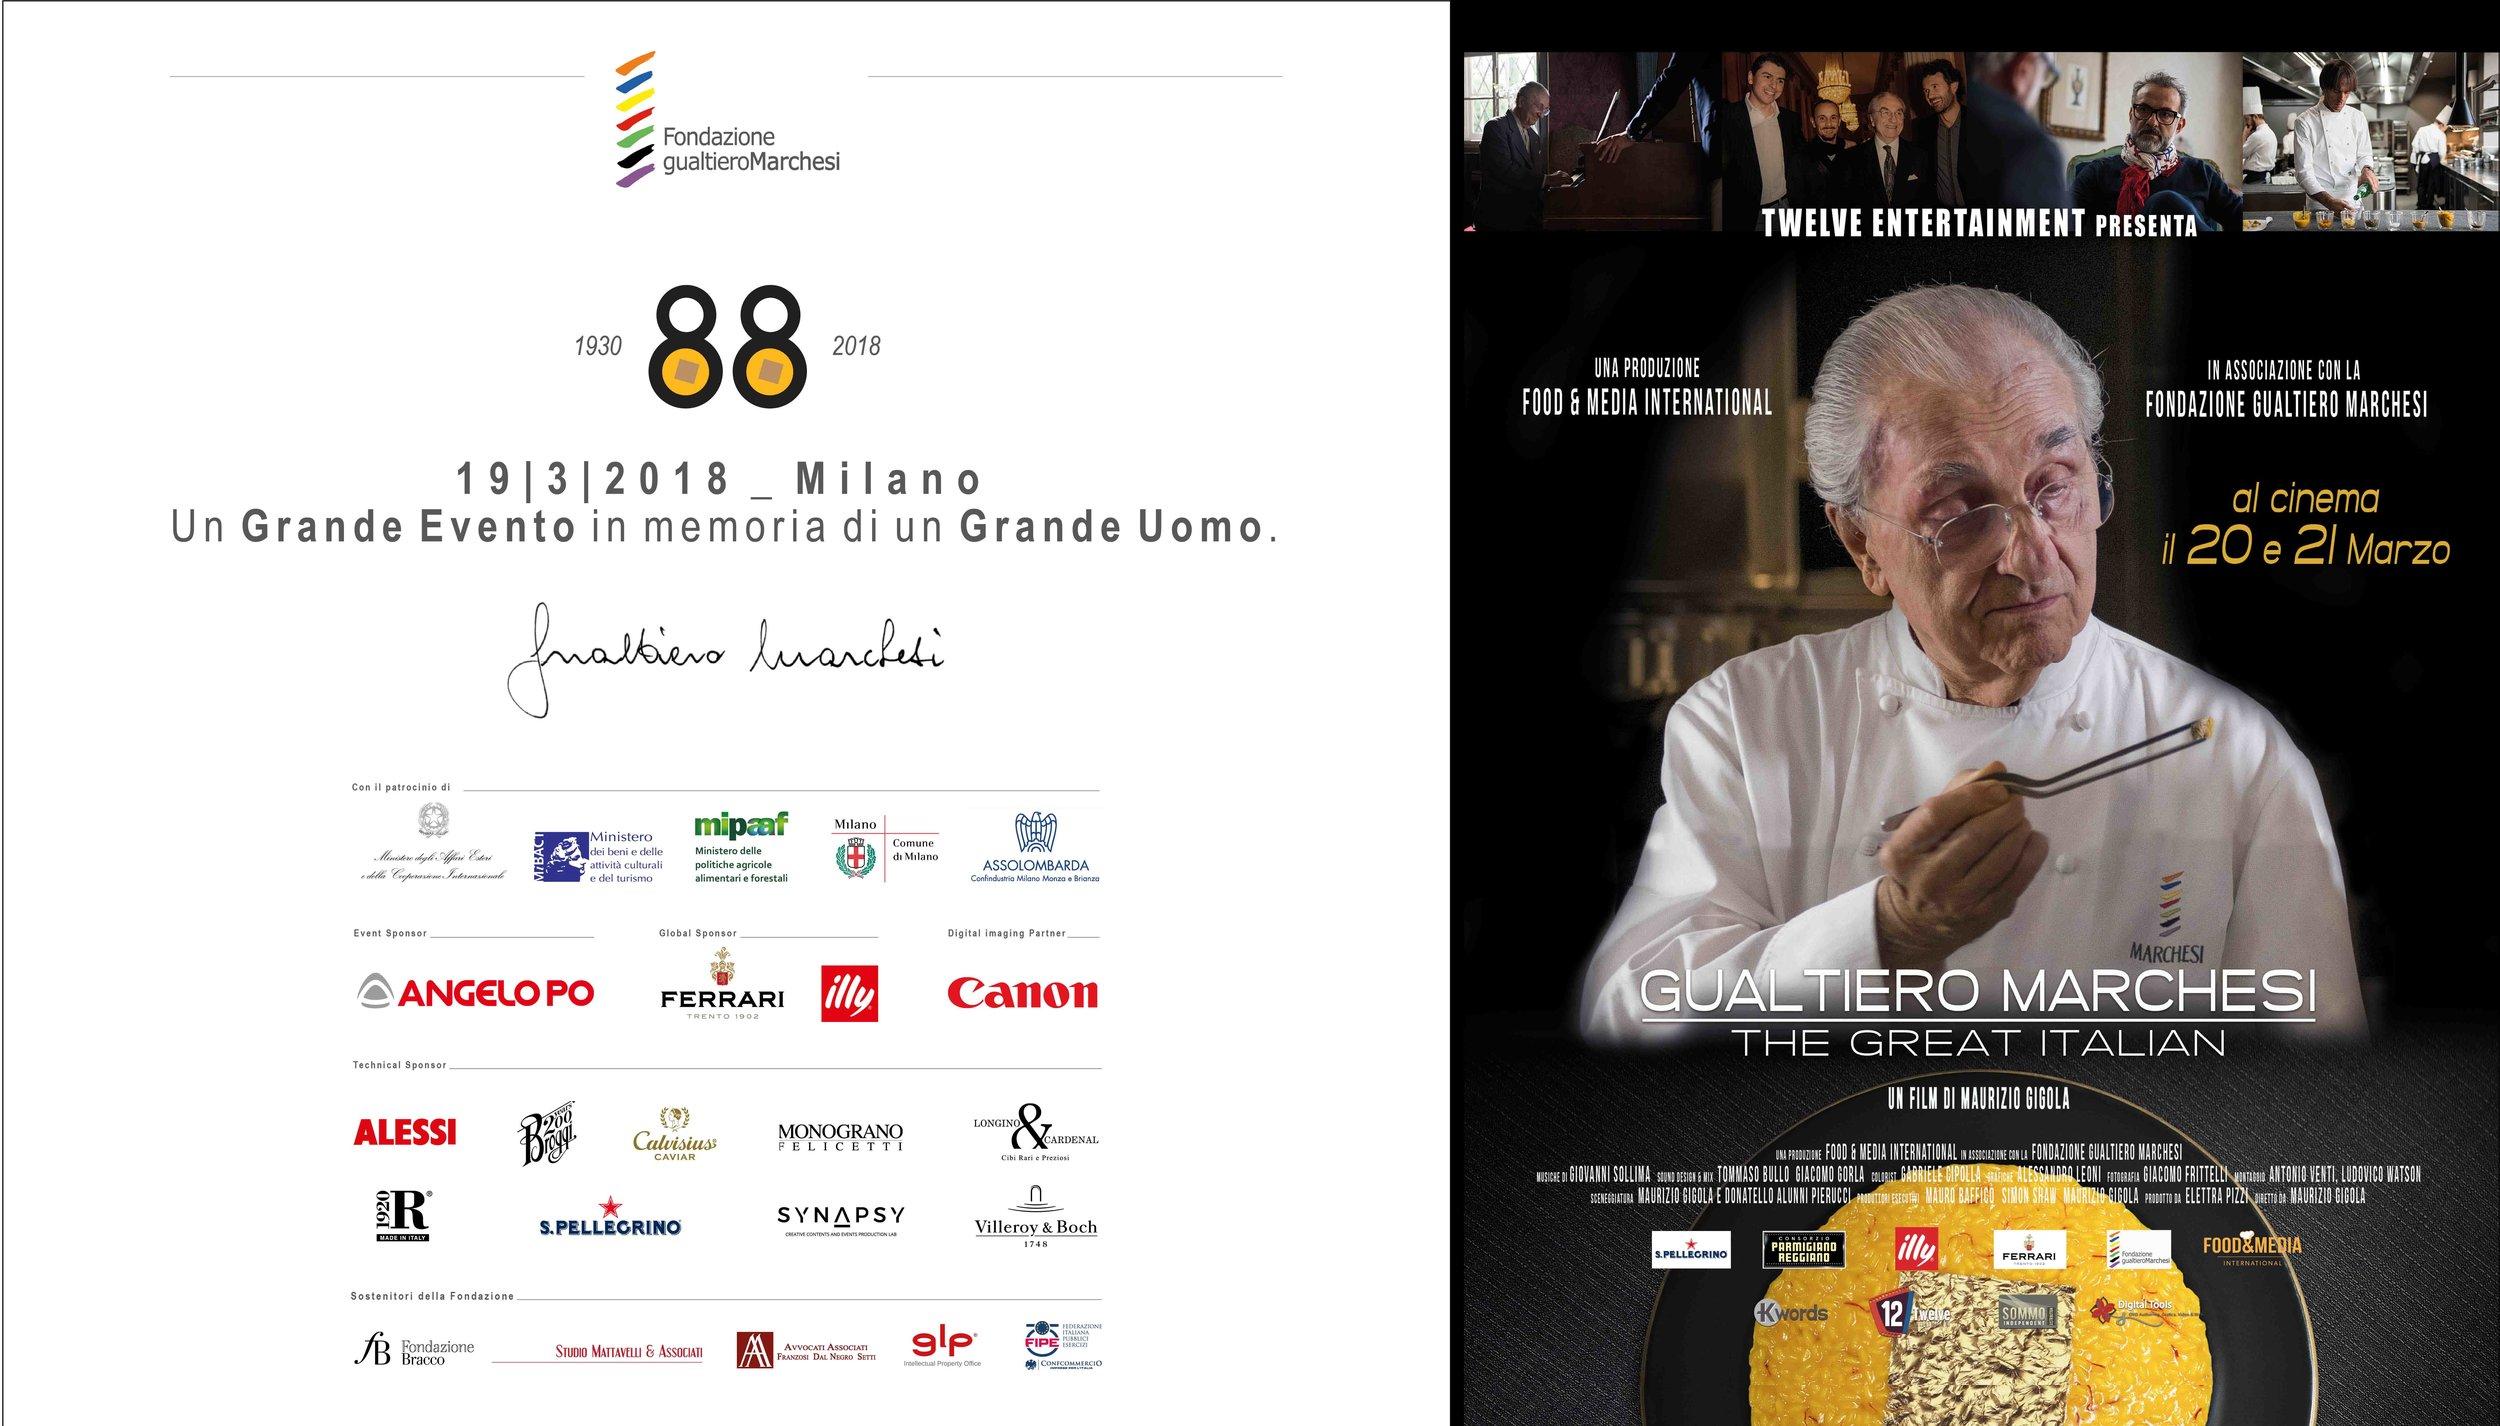 Fondazione Gualtiero Marchesi - pannello cinema